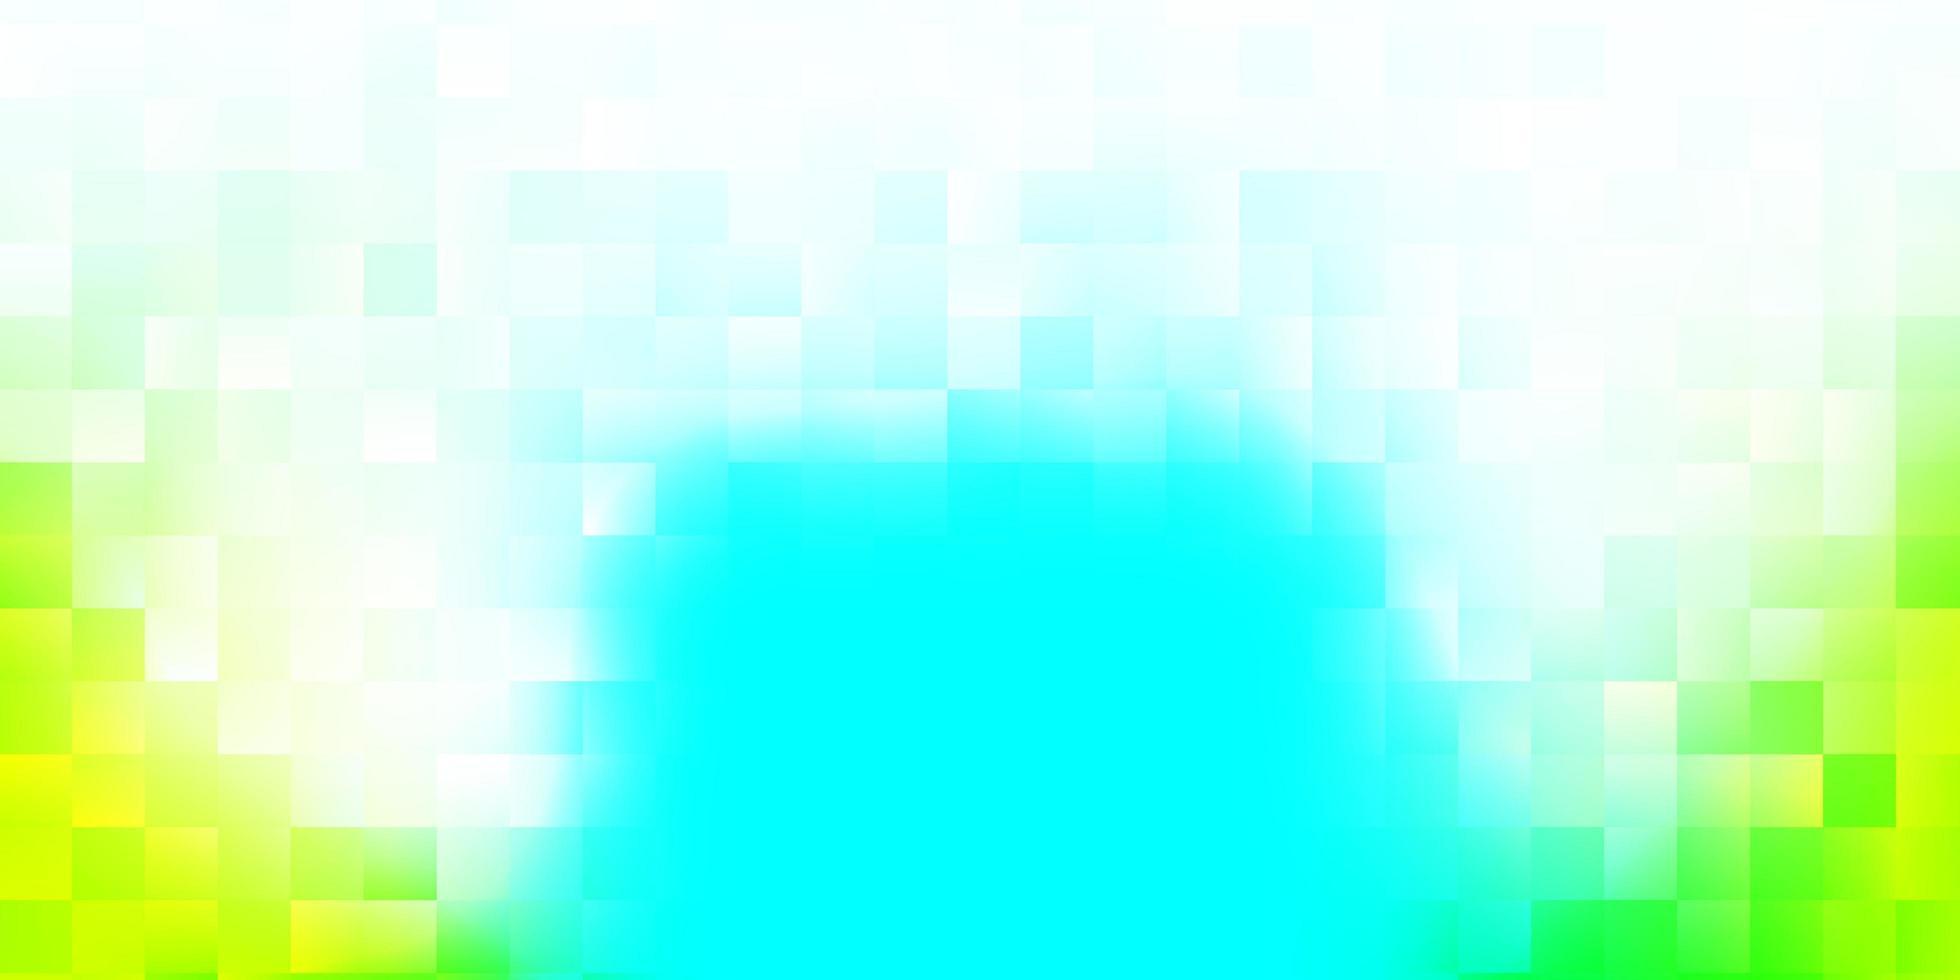 lichtblauwe, groene vectortextuur met Memphis-vormen vector